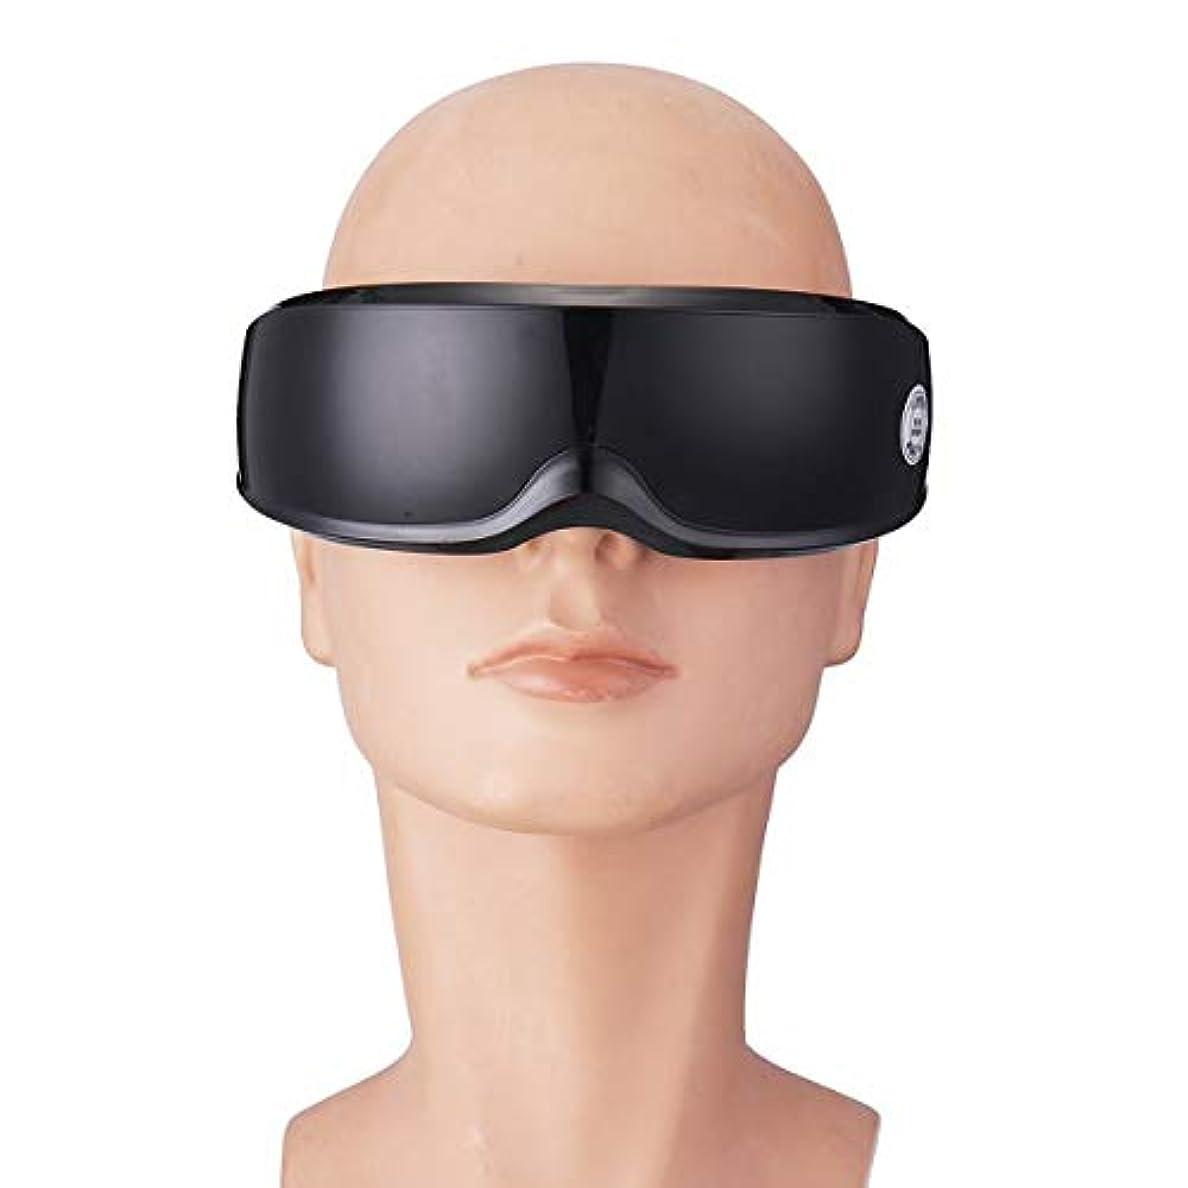 一次読者無駄なUSB Charging Electric Eye Massager Heating Care Vibration Massage Stress Relief Relaxation Eyesight Recovery Eye...